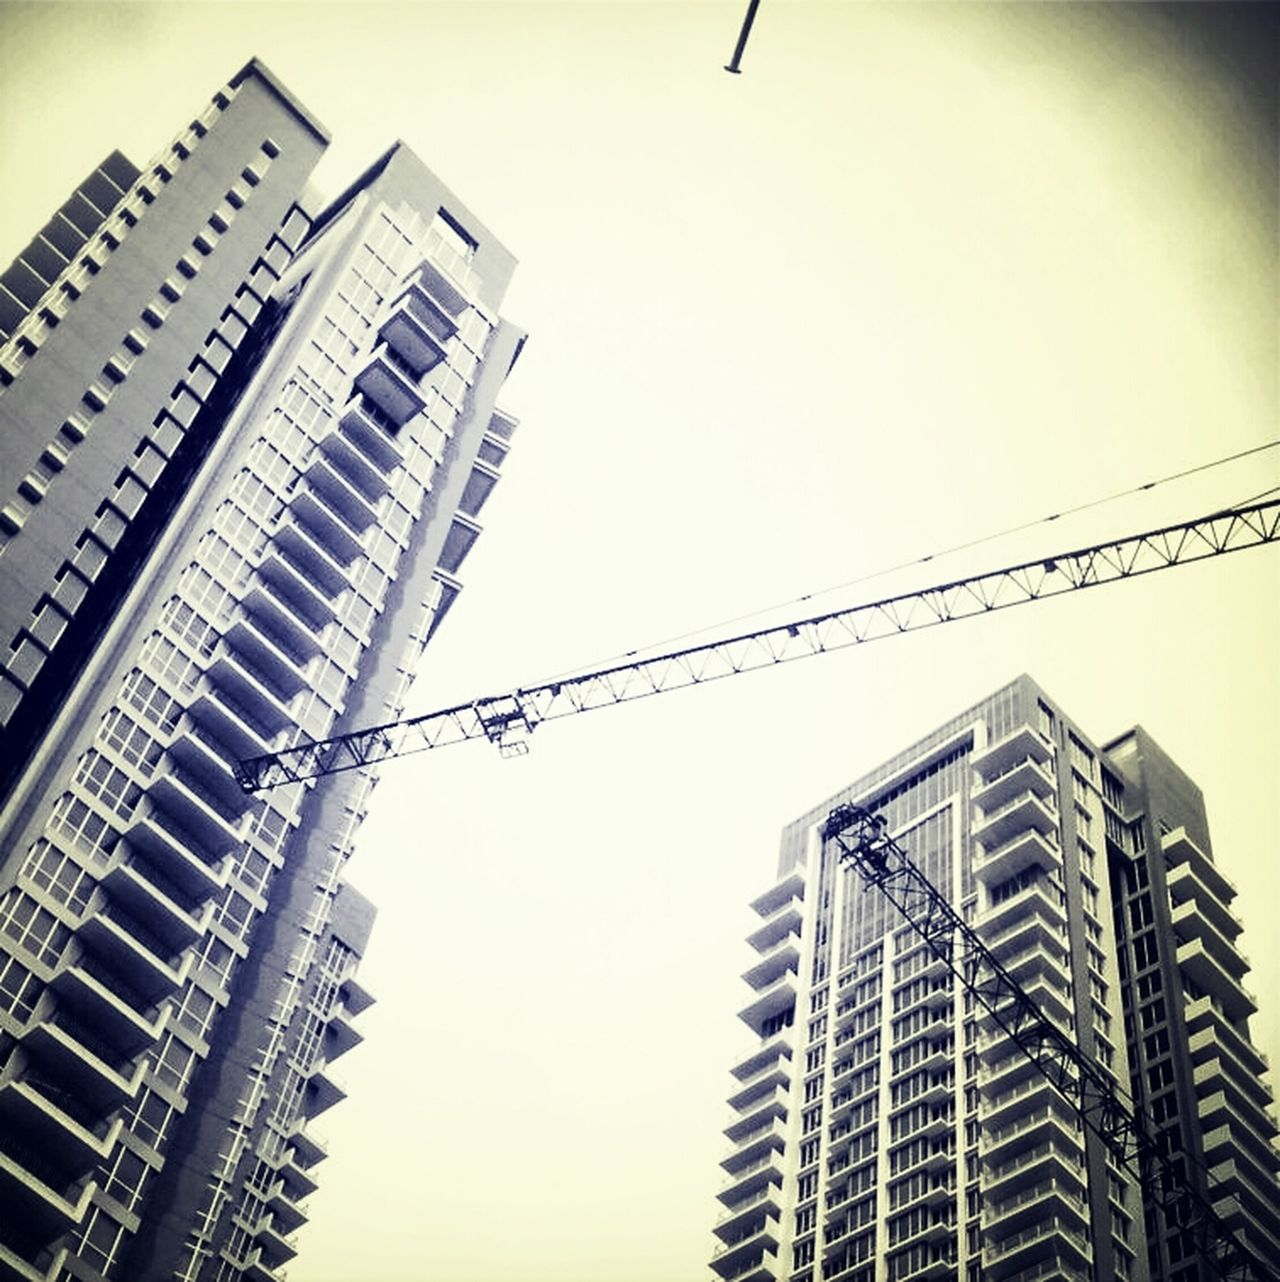 Architecture Monochrome